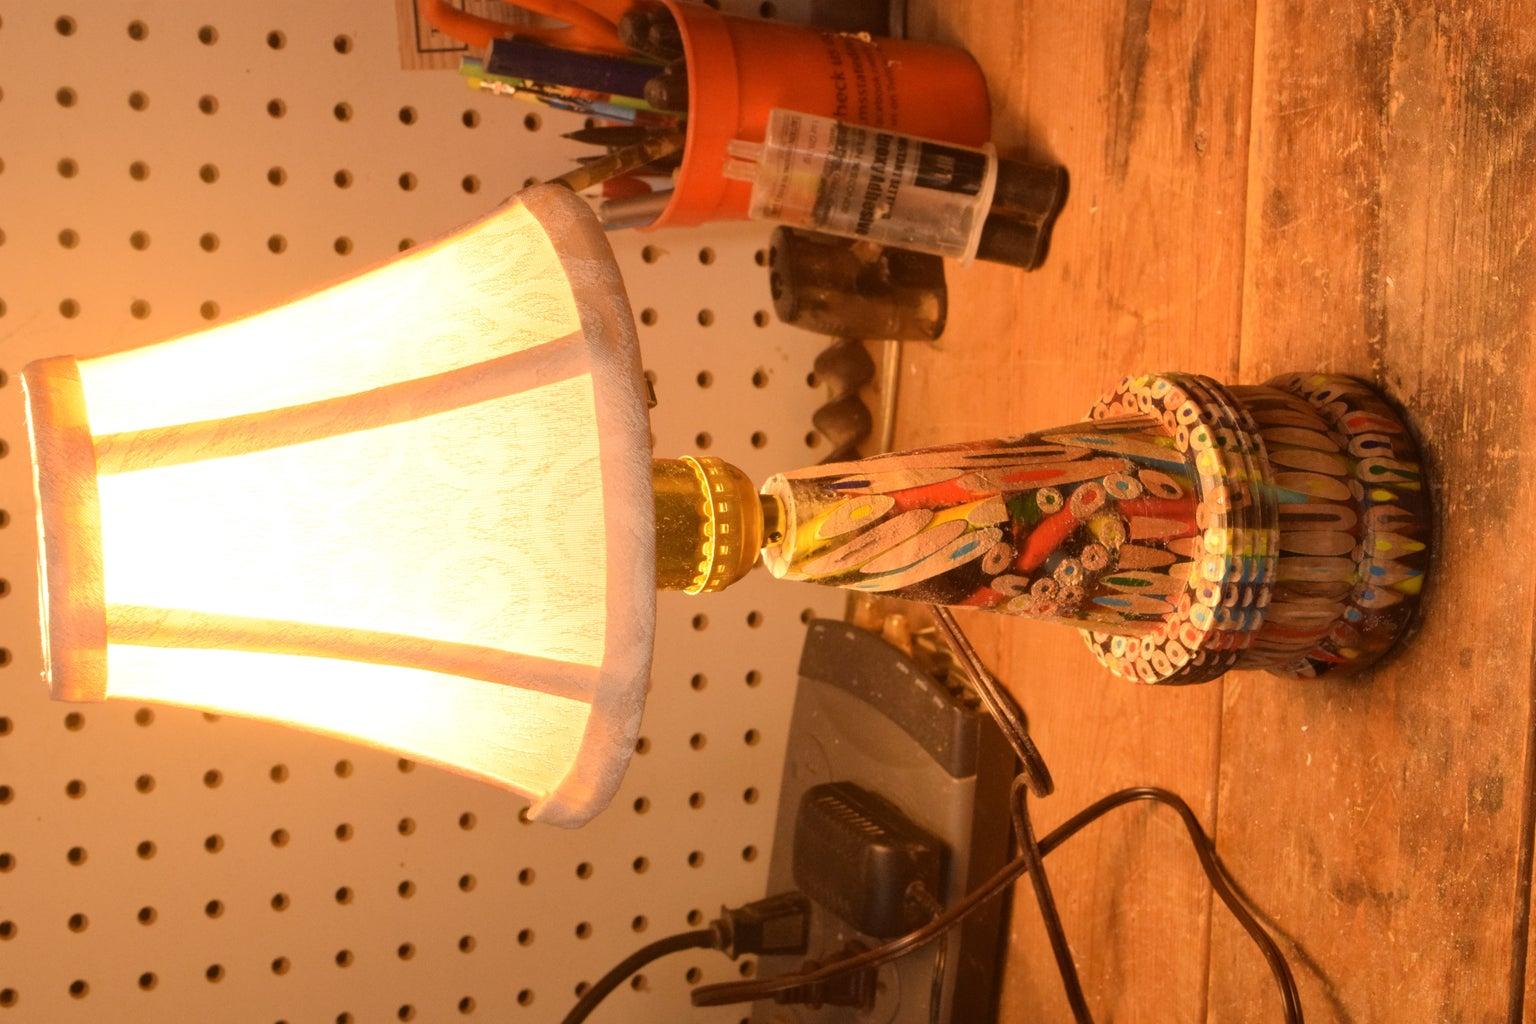 DIY Color Pencil Lamp